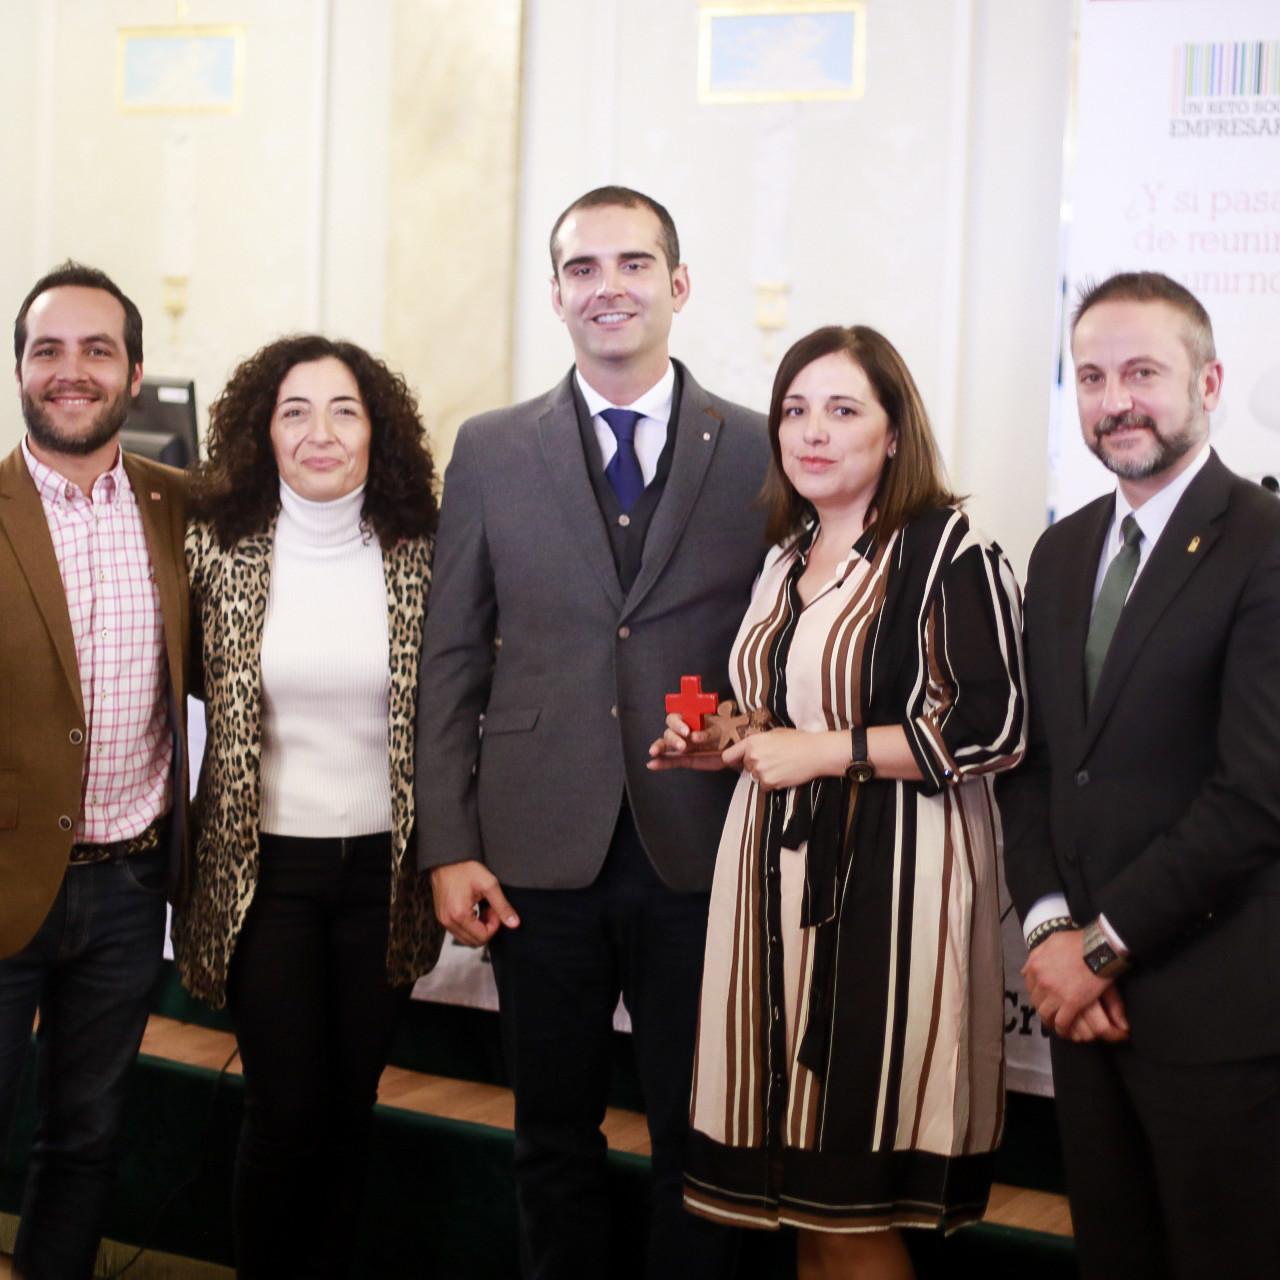 """El alcalde felicita a todas las empresas que en Almería """"hacen bien las cosas"""" y """"trabajan para crear más oportunidades para más gente"""""""